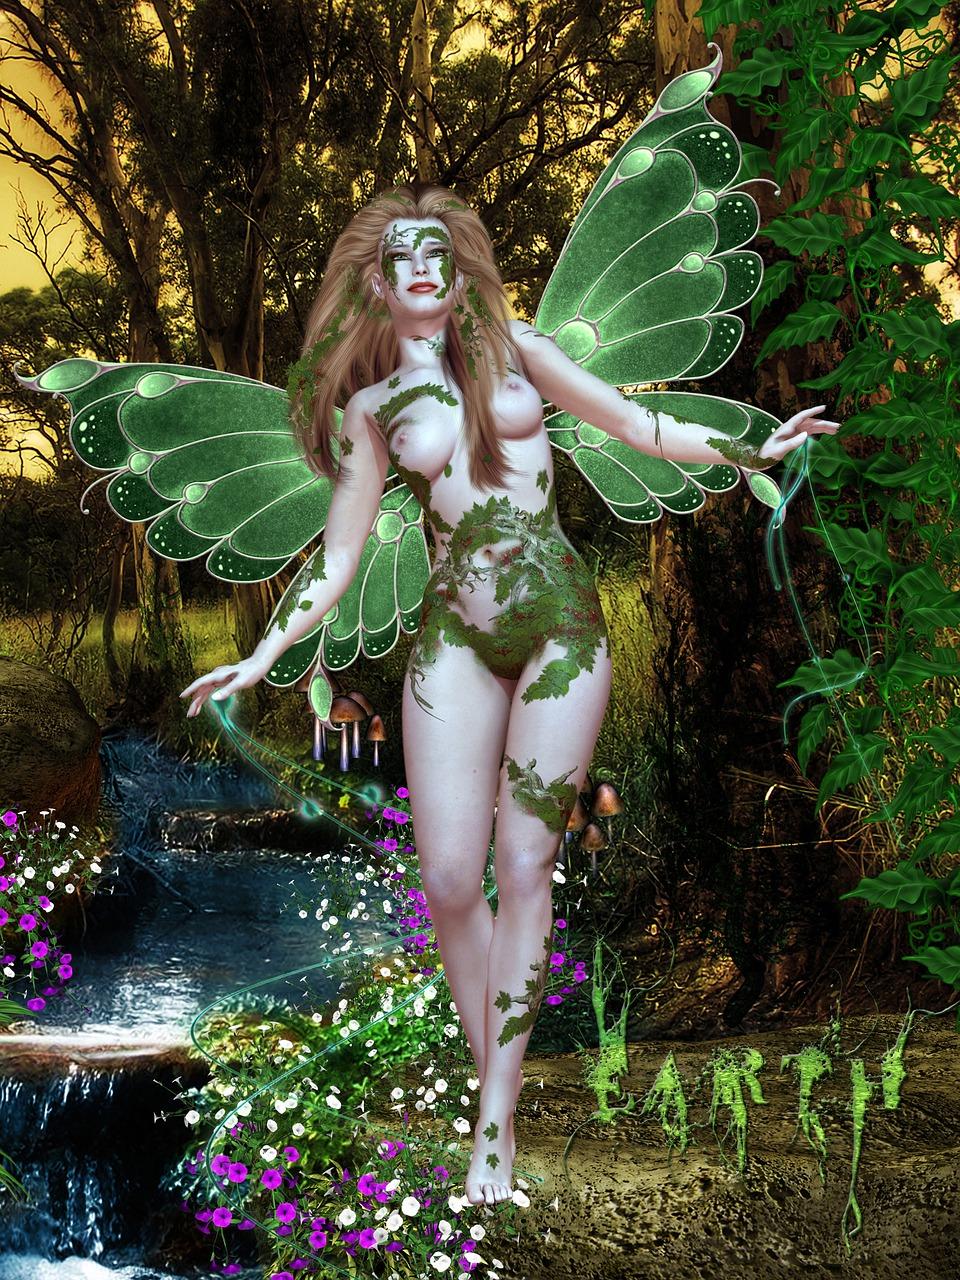 Nude fairy photographs